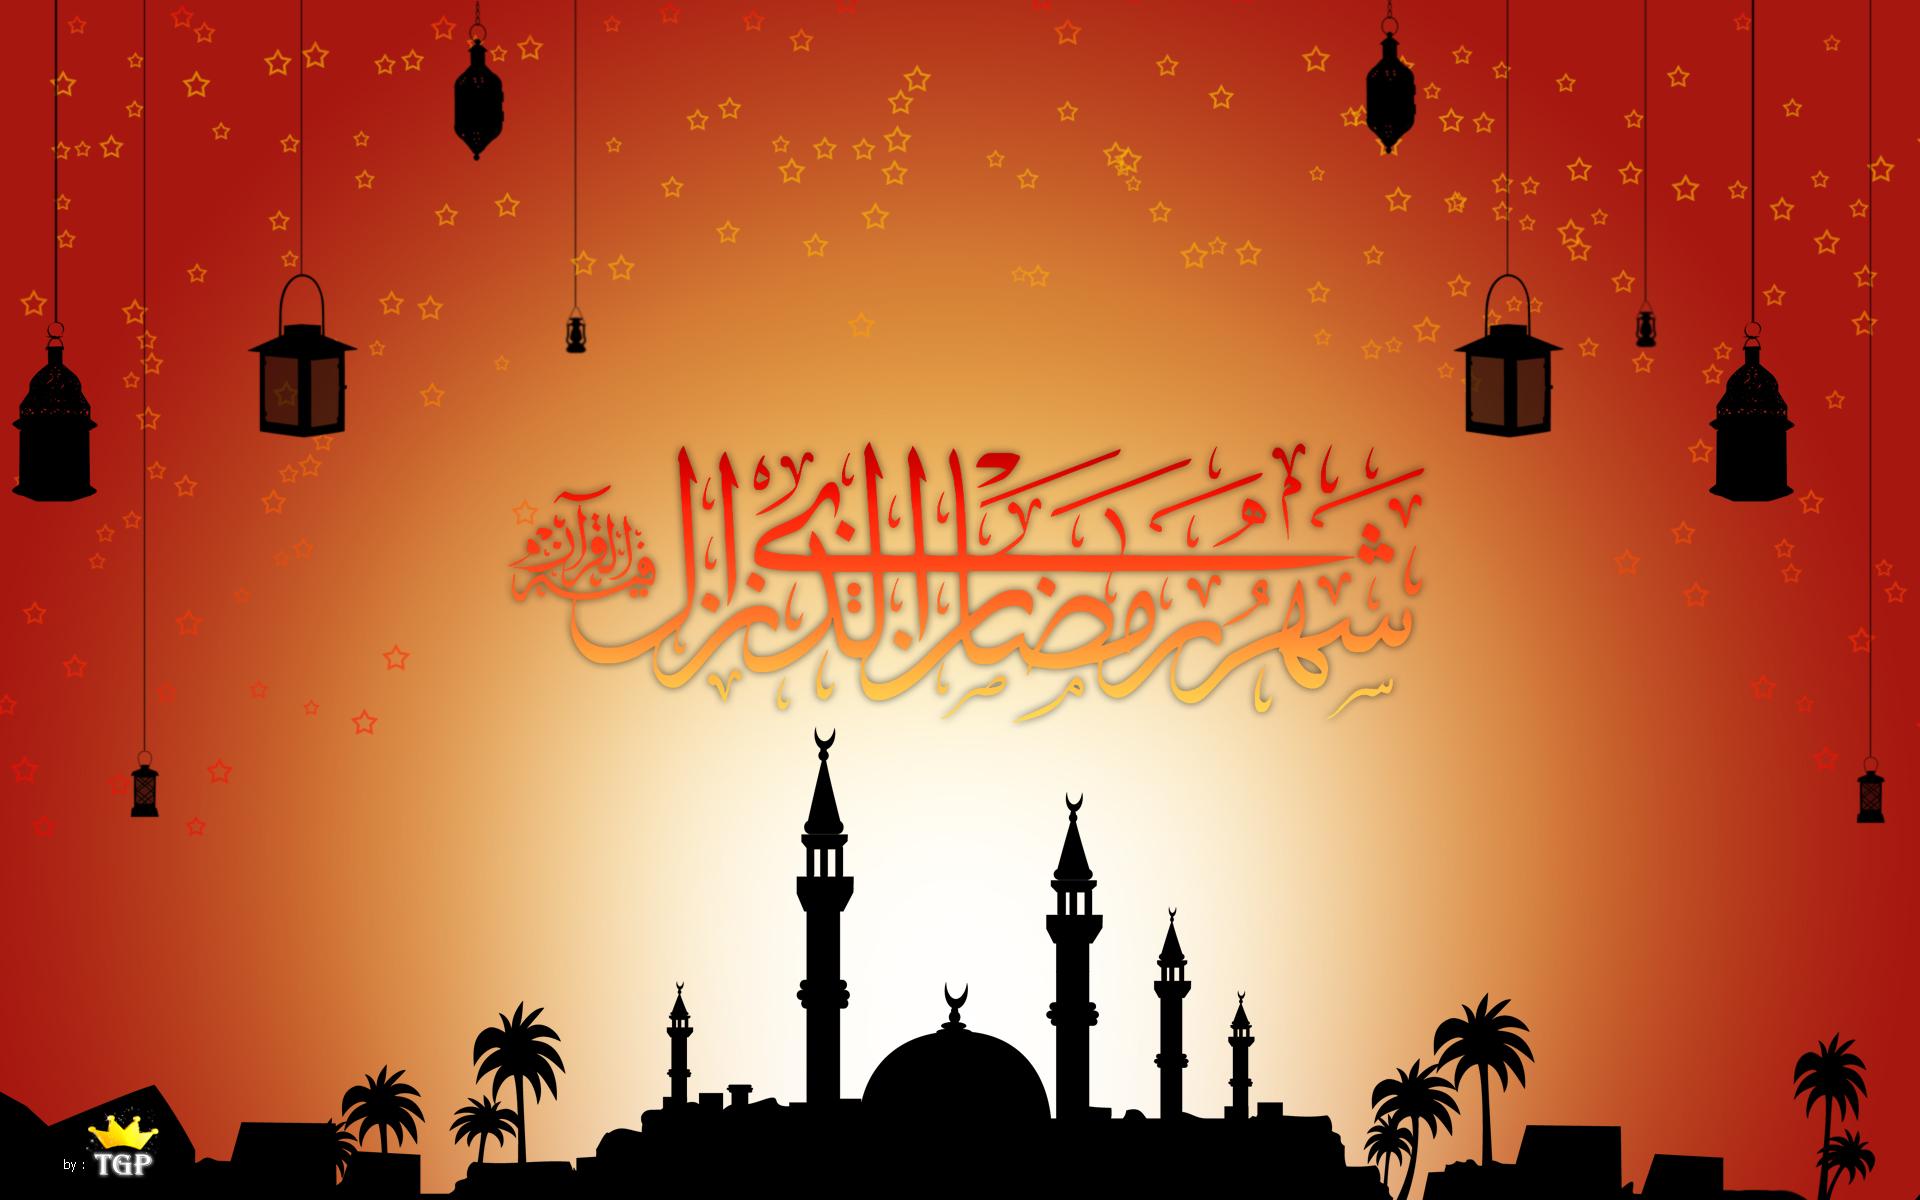 Free download Top Ramadan Wallpaper ...